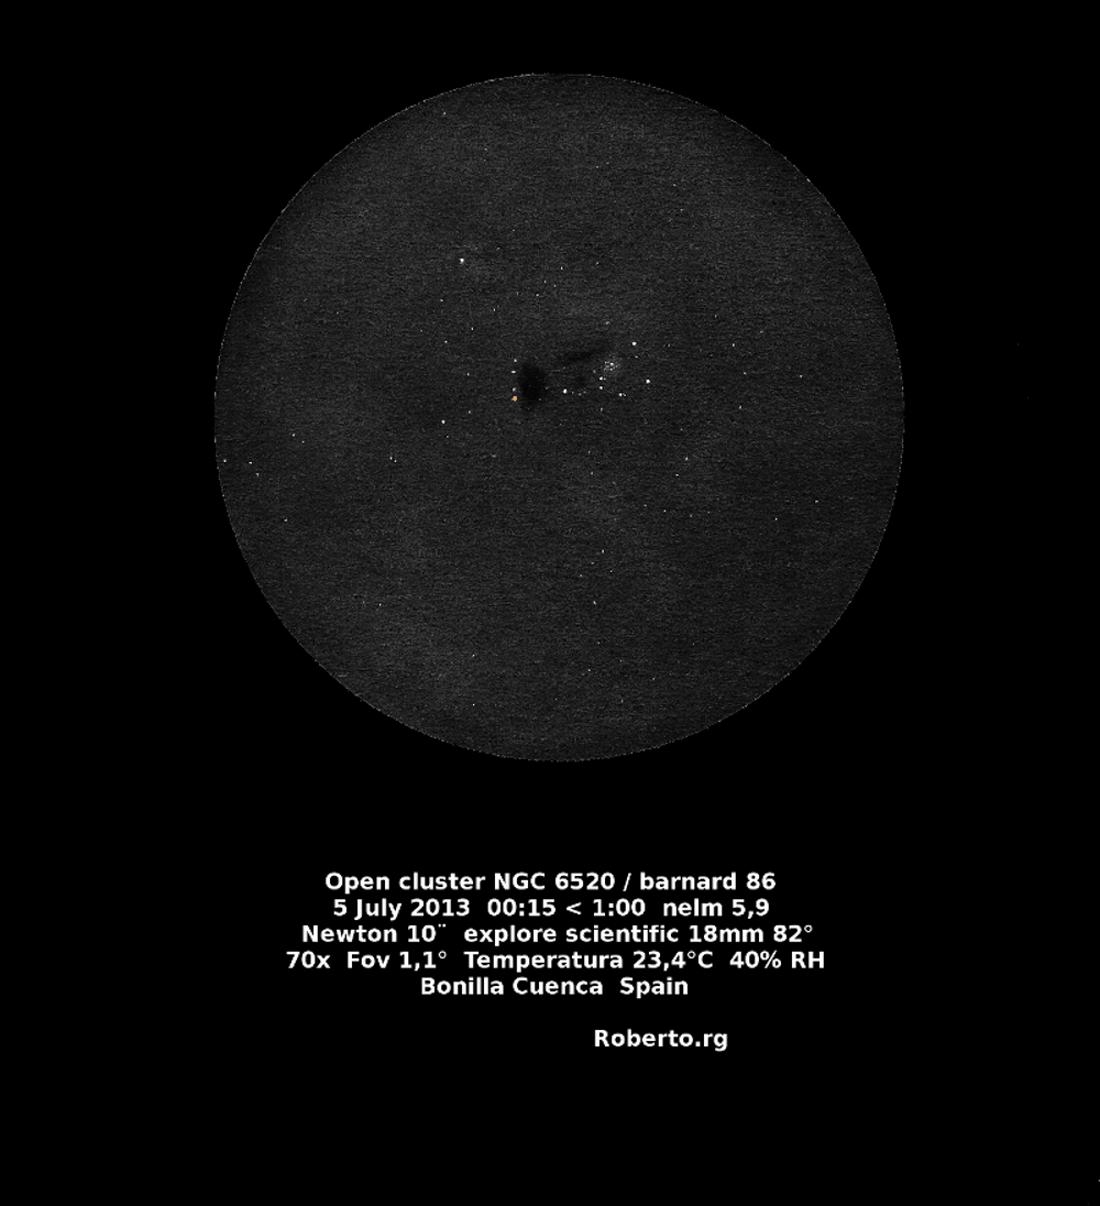 NGC 6520 and Barnard 86